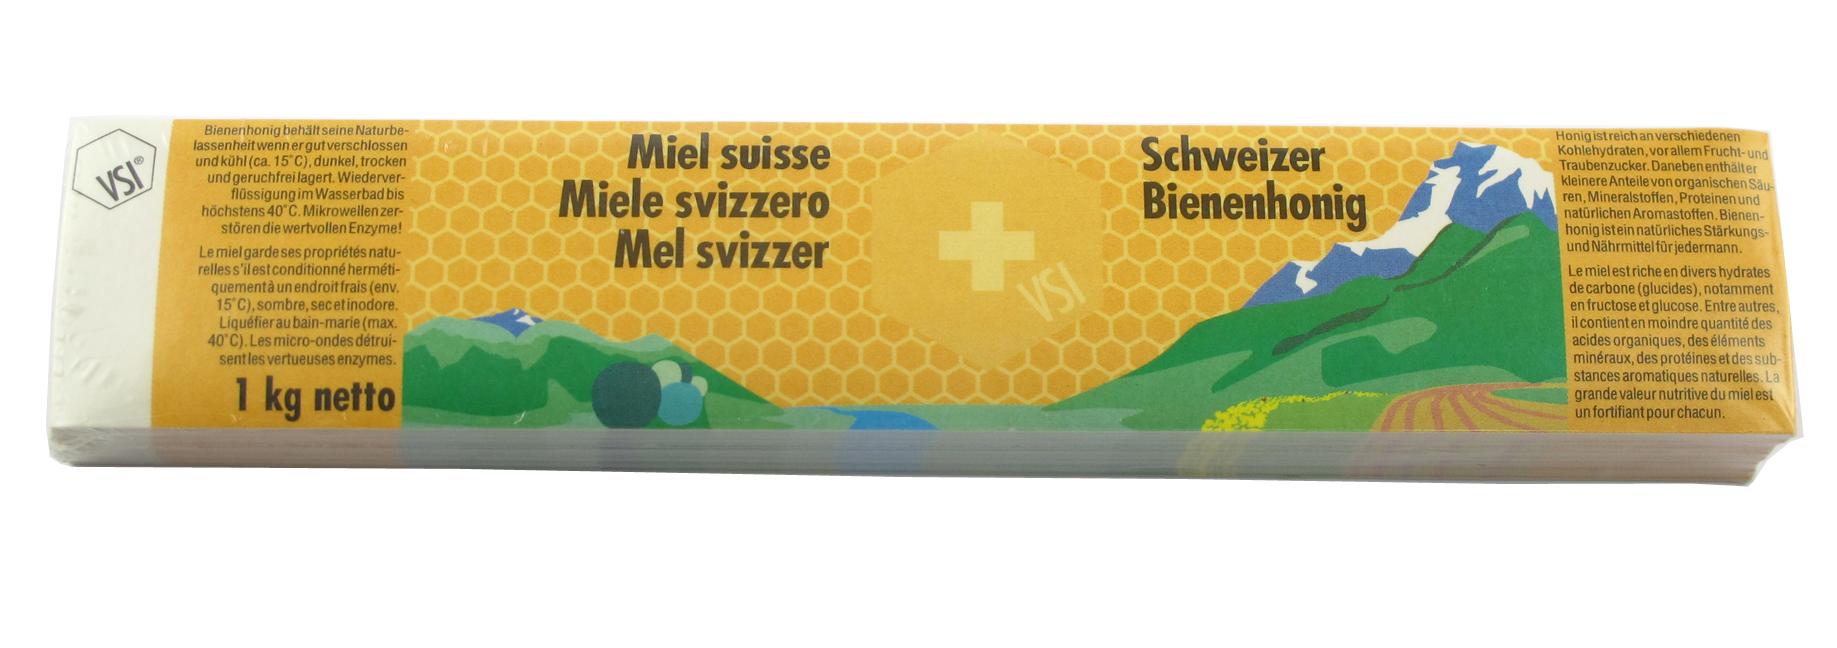 VSI Schweizer Honig Etikette 1000 g